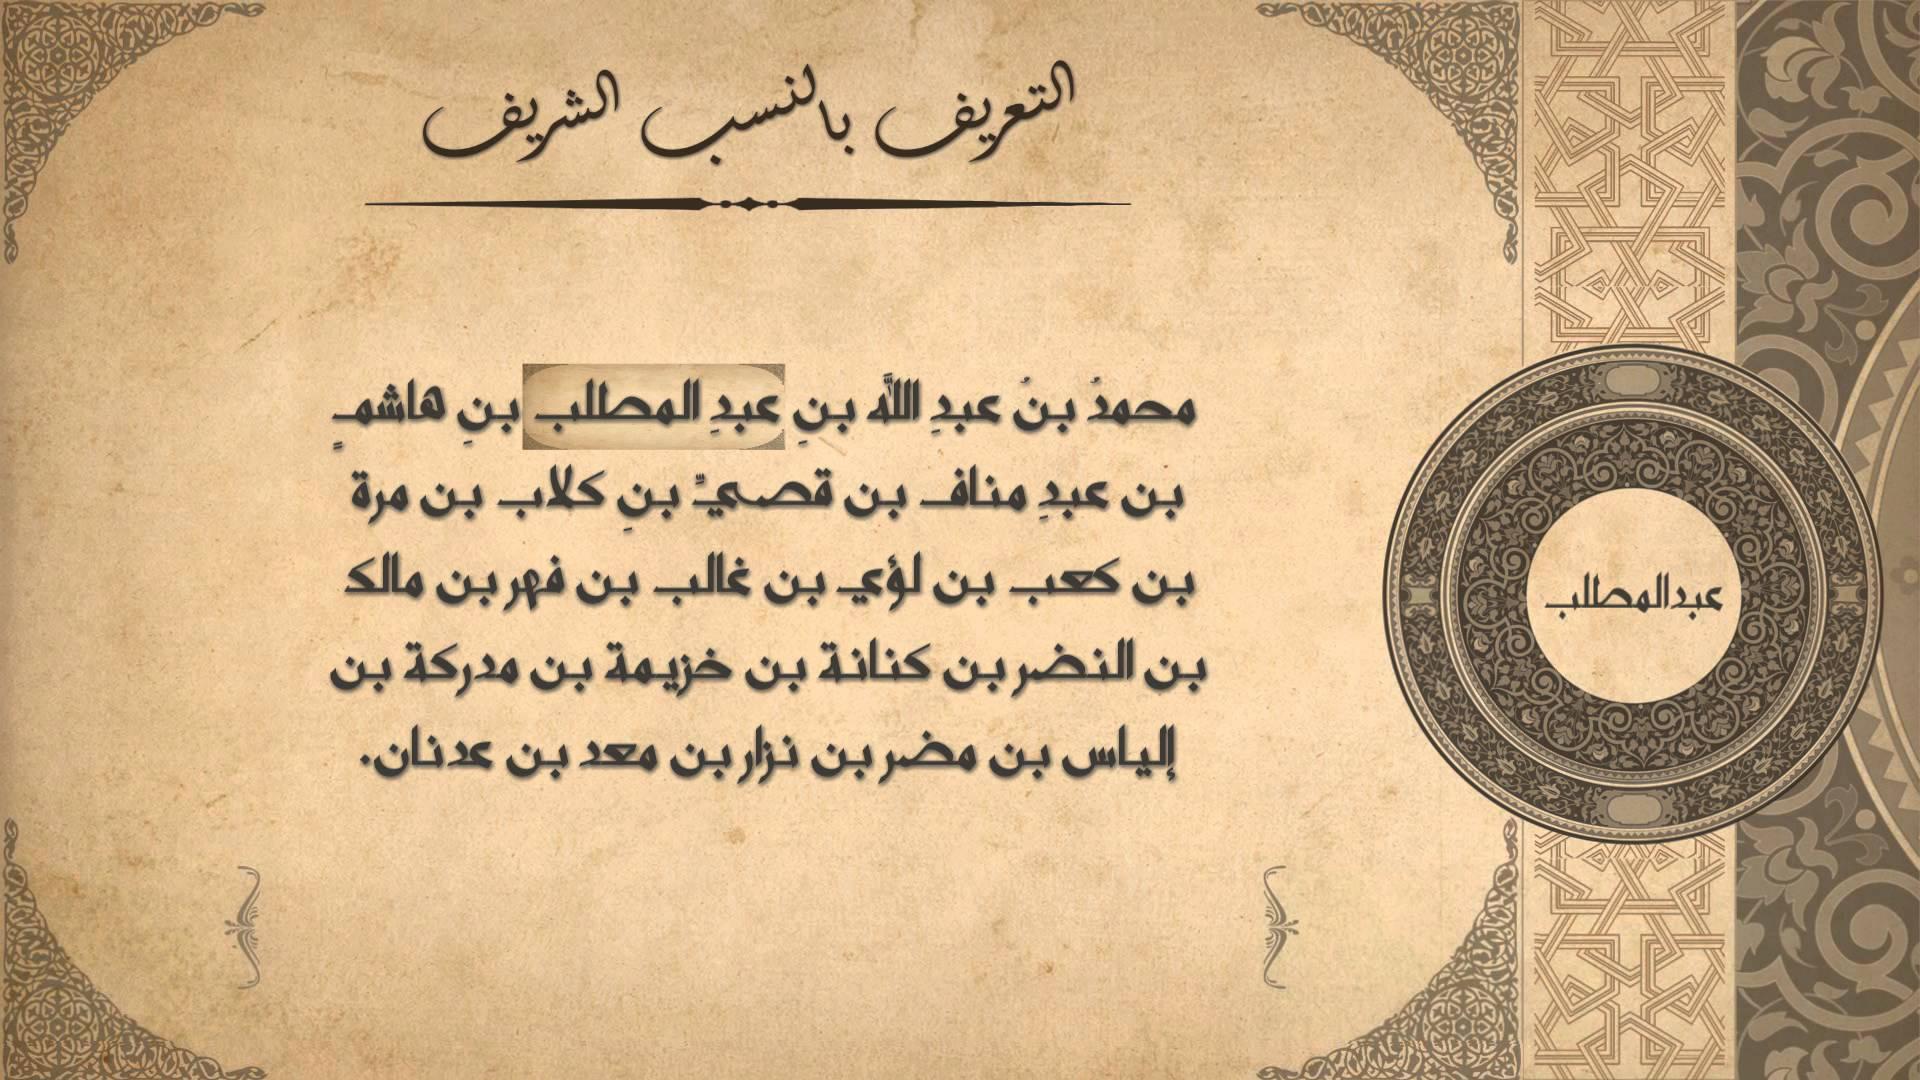 صورة أبو طالب خير سندٍ للإسلام و خير عمٍ لنبي الإسلام